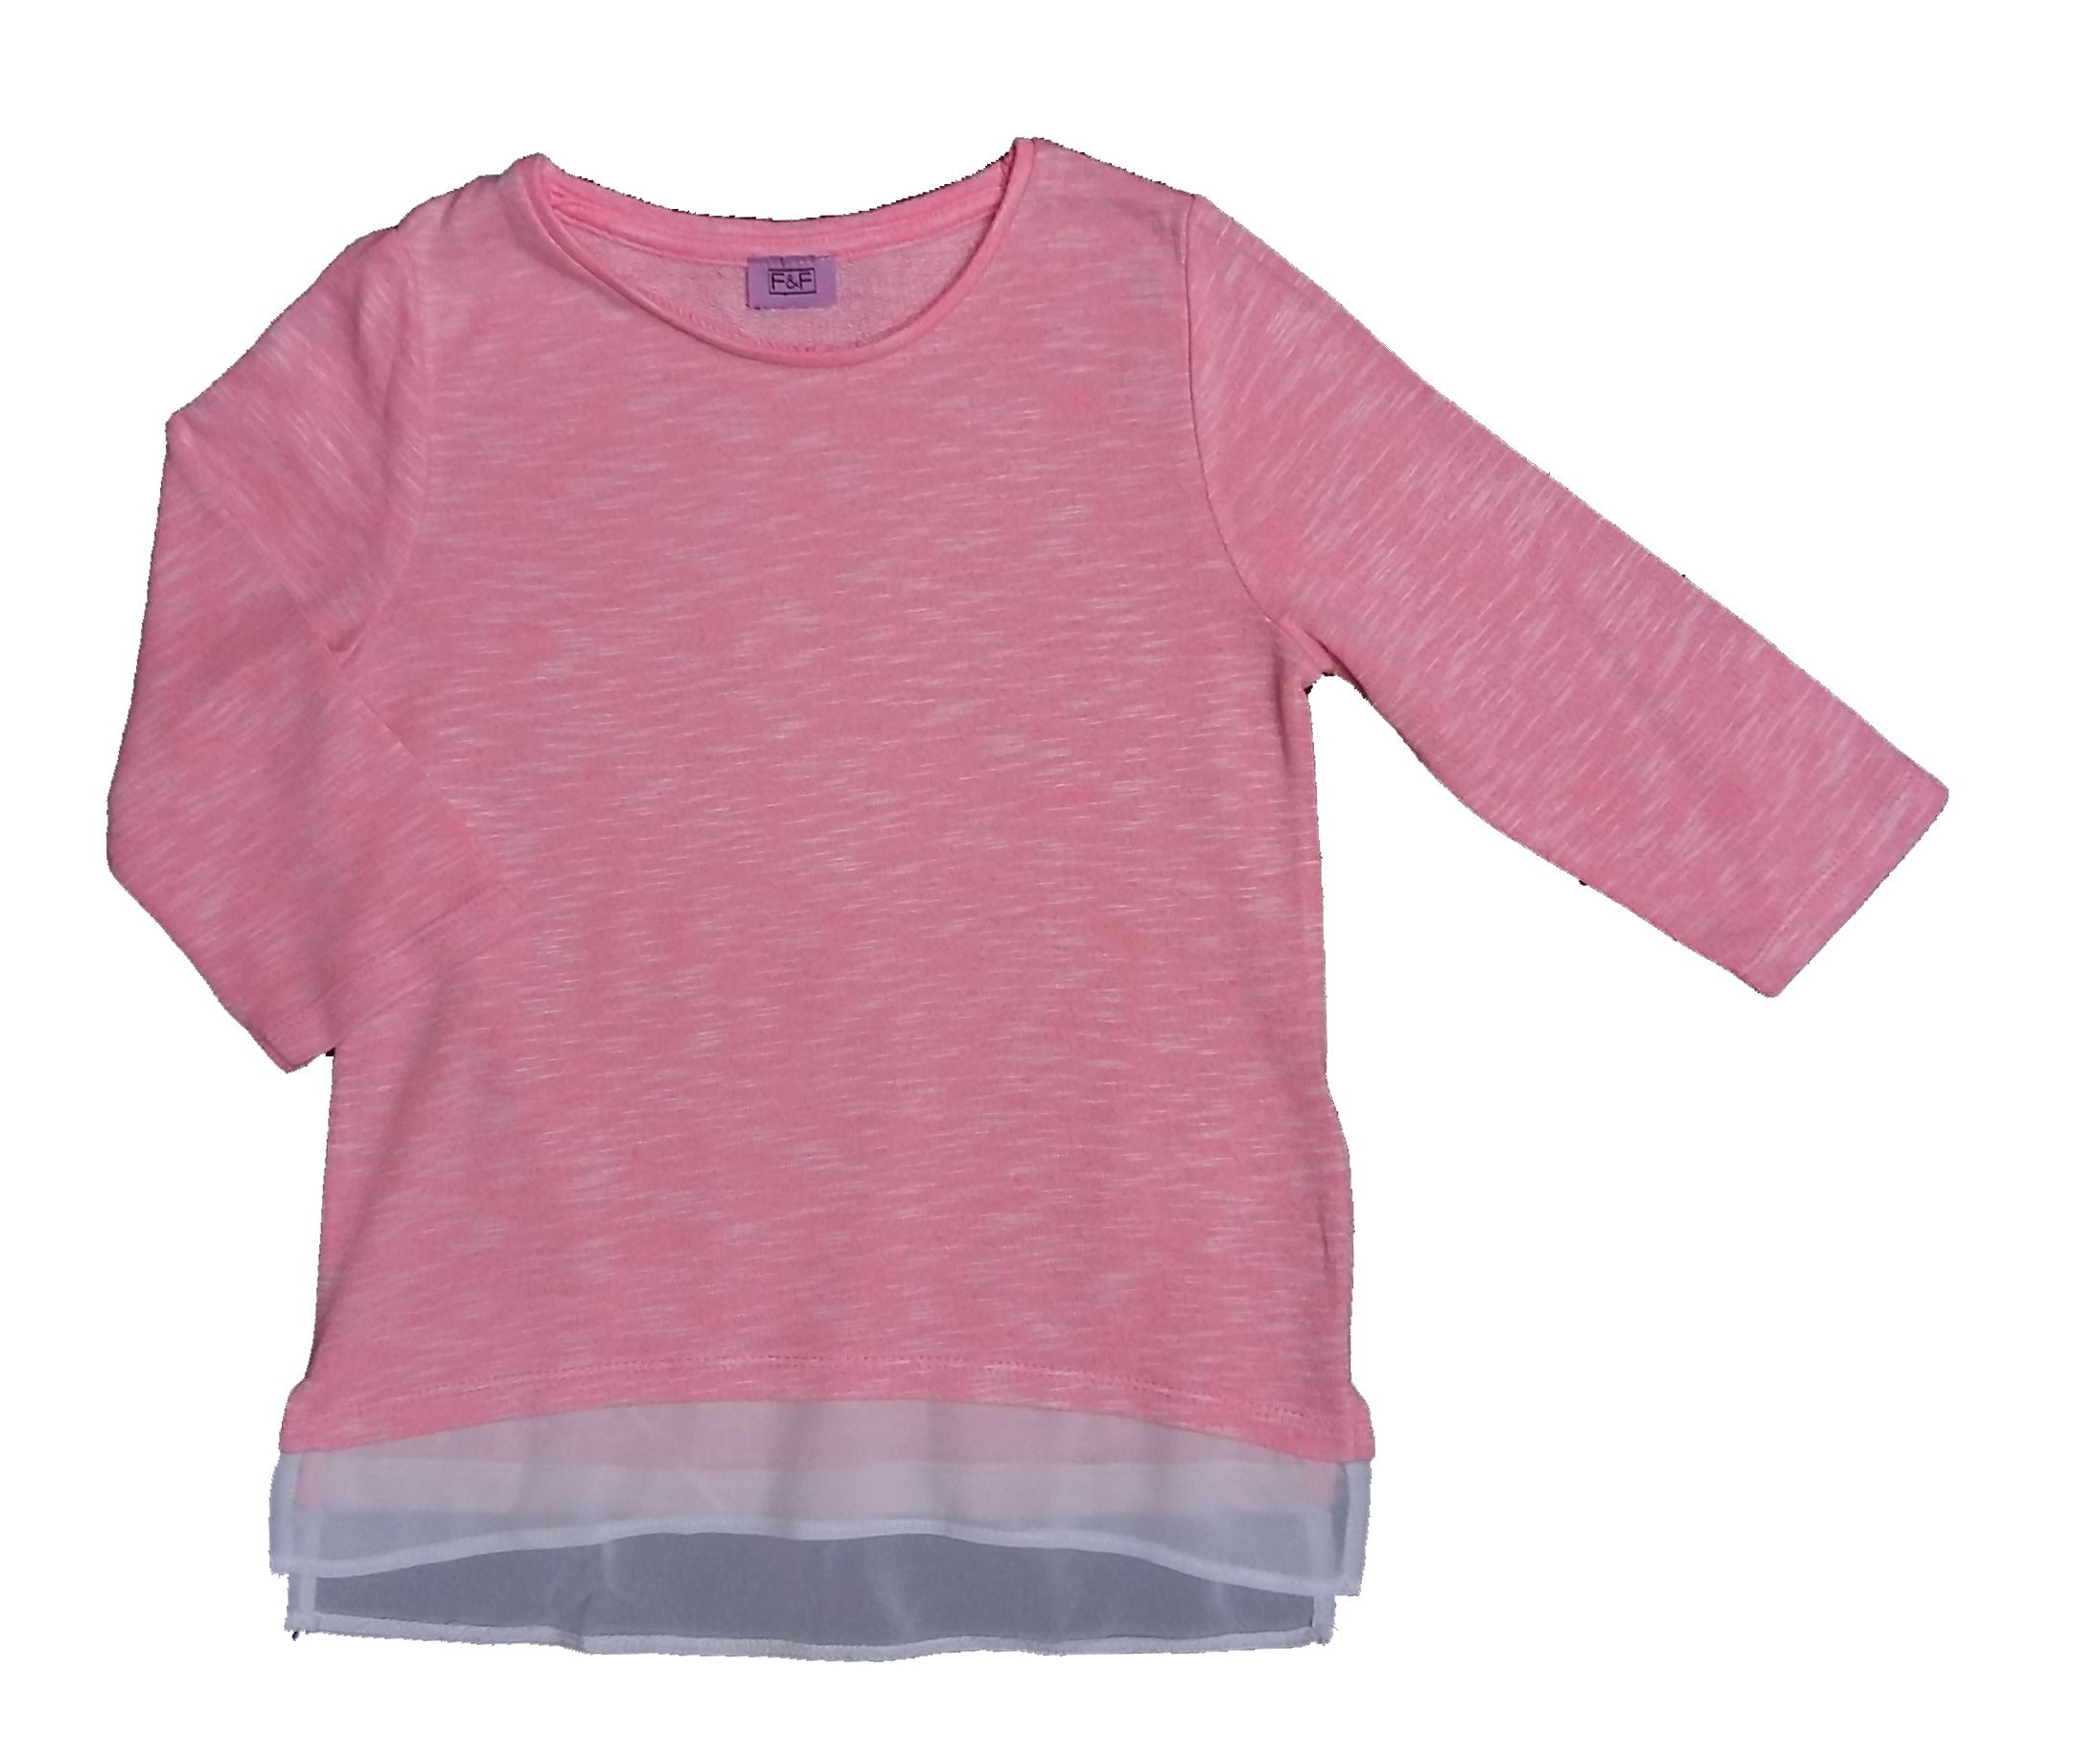 Rózsaszín pulcsi (128) - 128-134 (7-9 év) - Minőségi angol használt és új  gyerekruhák f26dd8366d